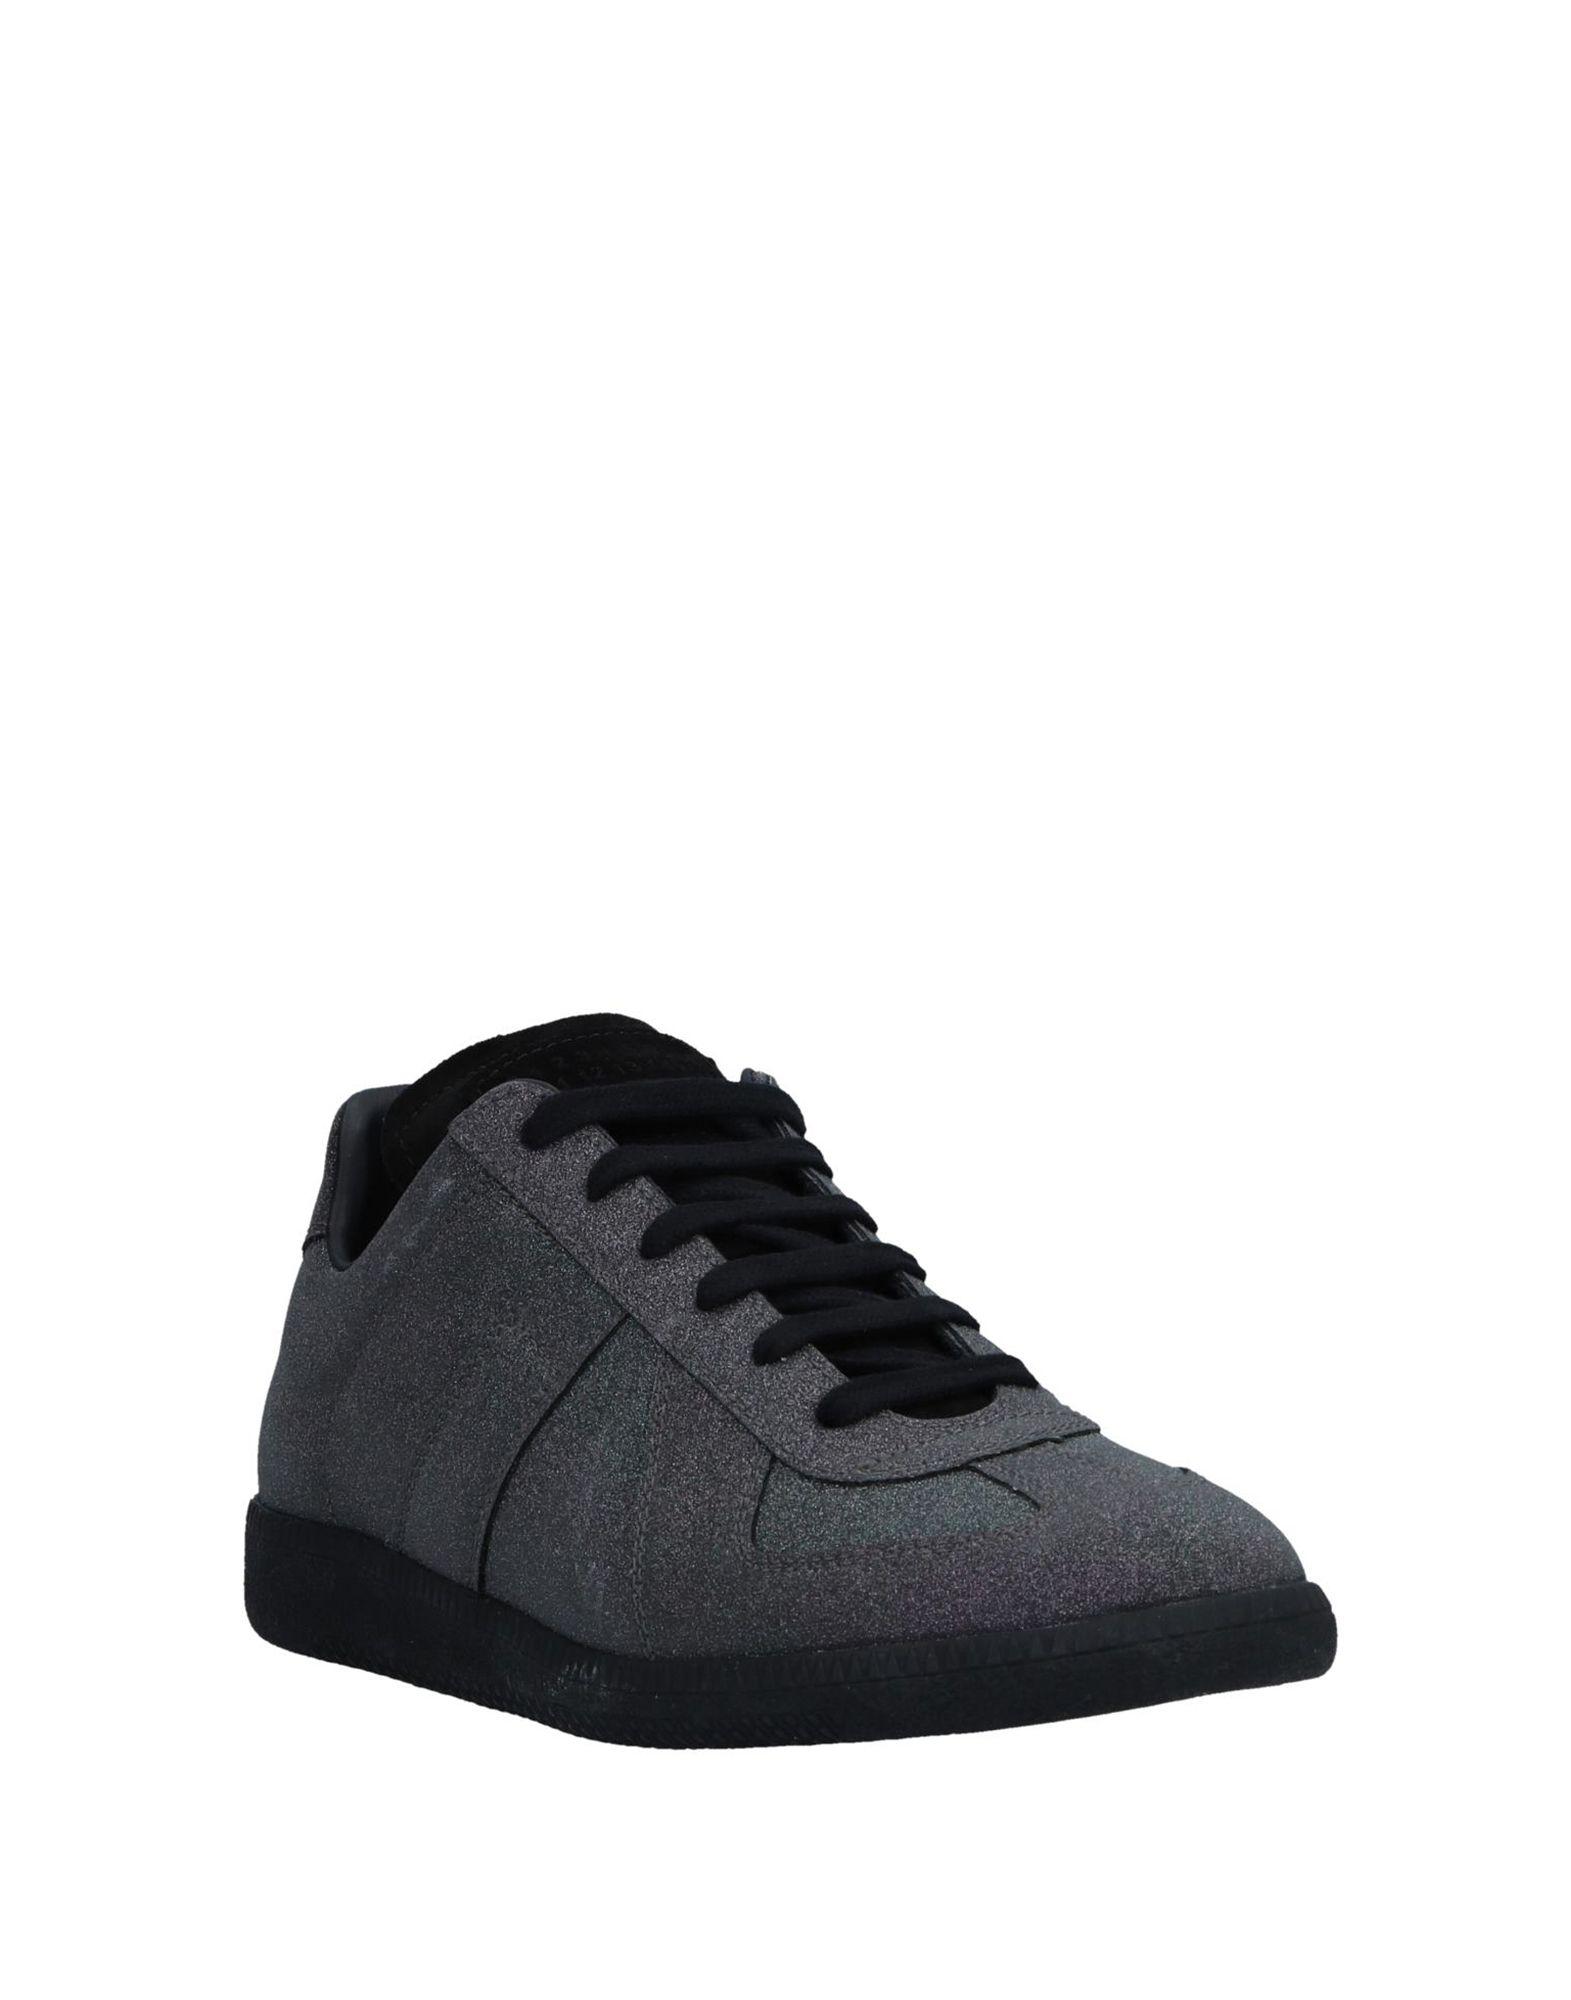 Rabatt Schuhe  Maison Margiela Sneakers Damen  Schuhe 11533335SC 432fb4